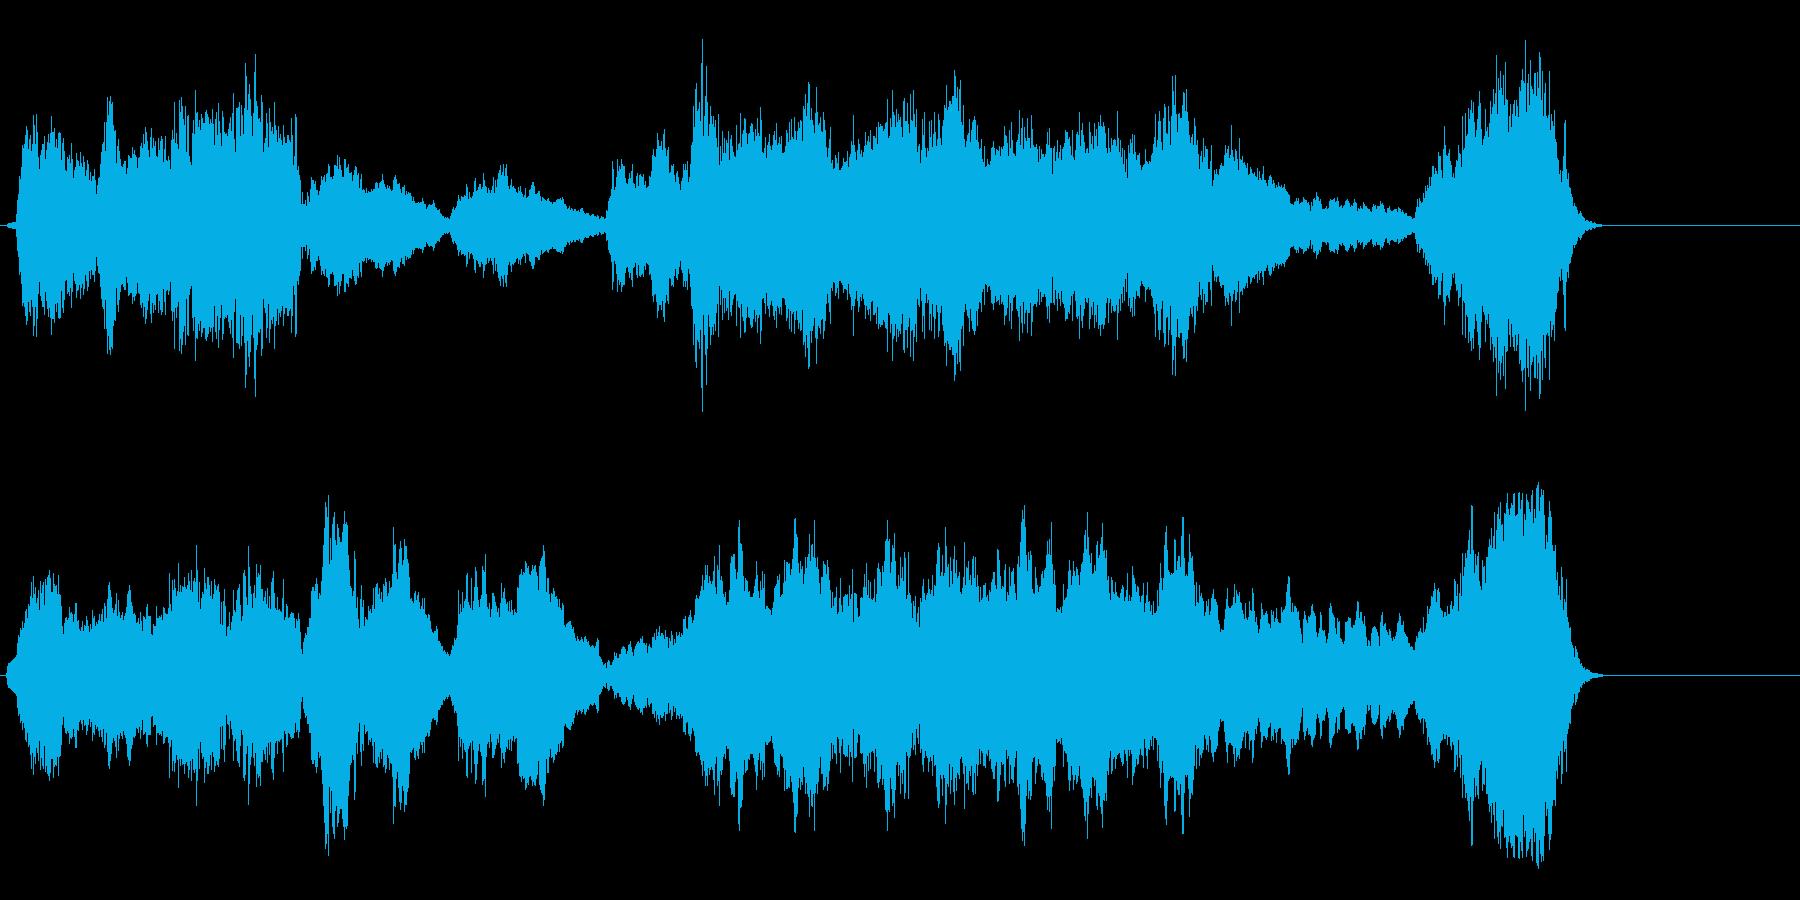 しんみり感動的なオーケストラの再生済みの波形